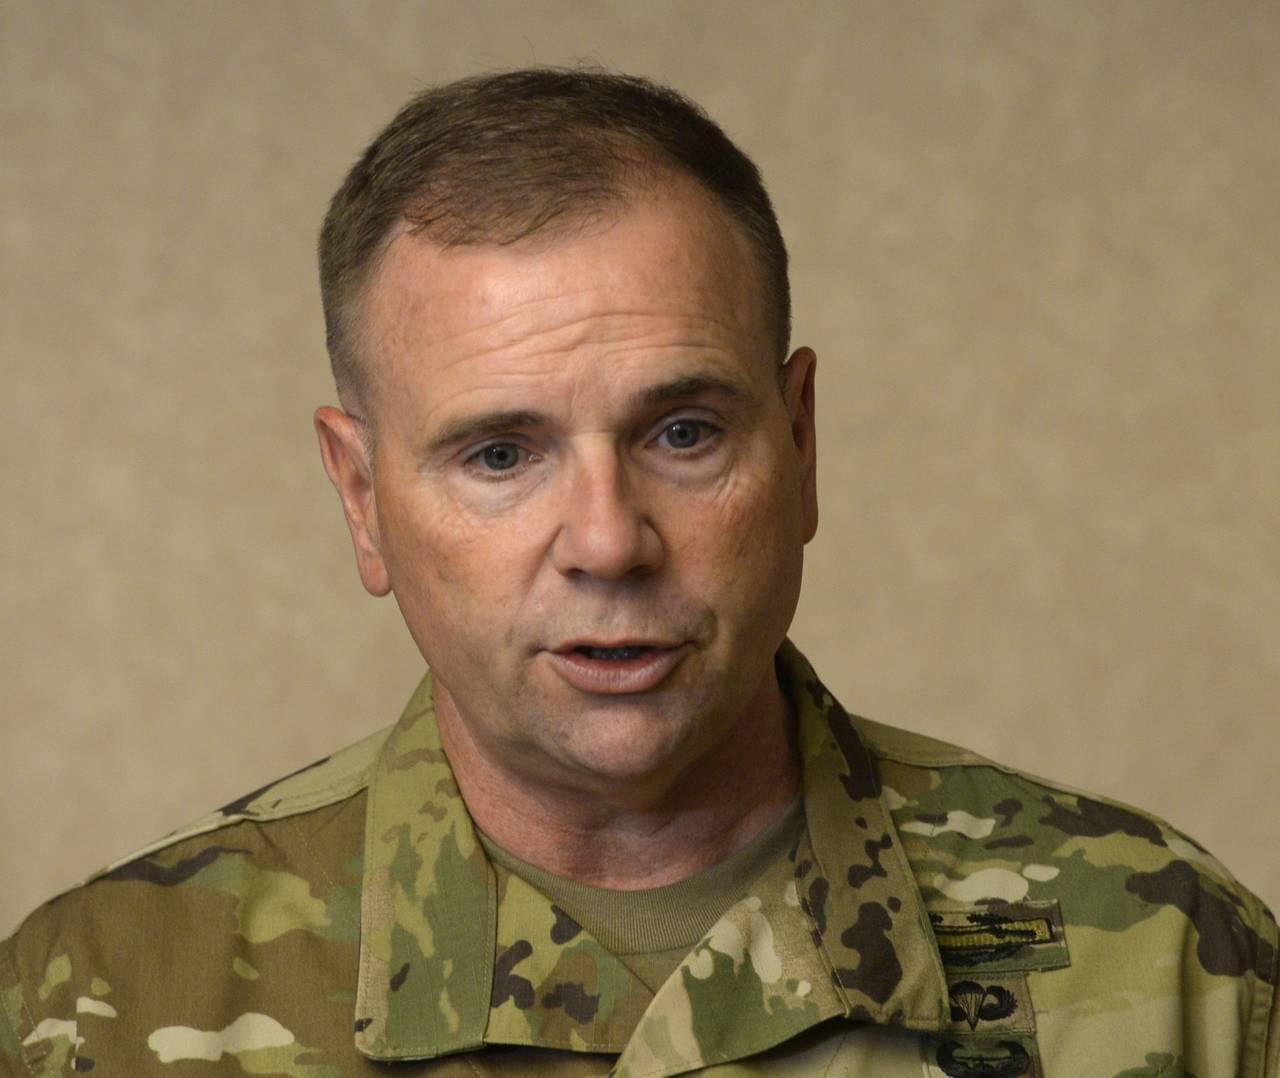 Американский генерал объявил, что Российская Федерация уважает только силу